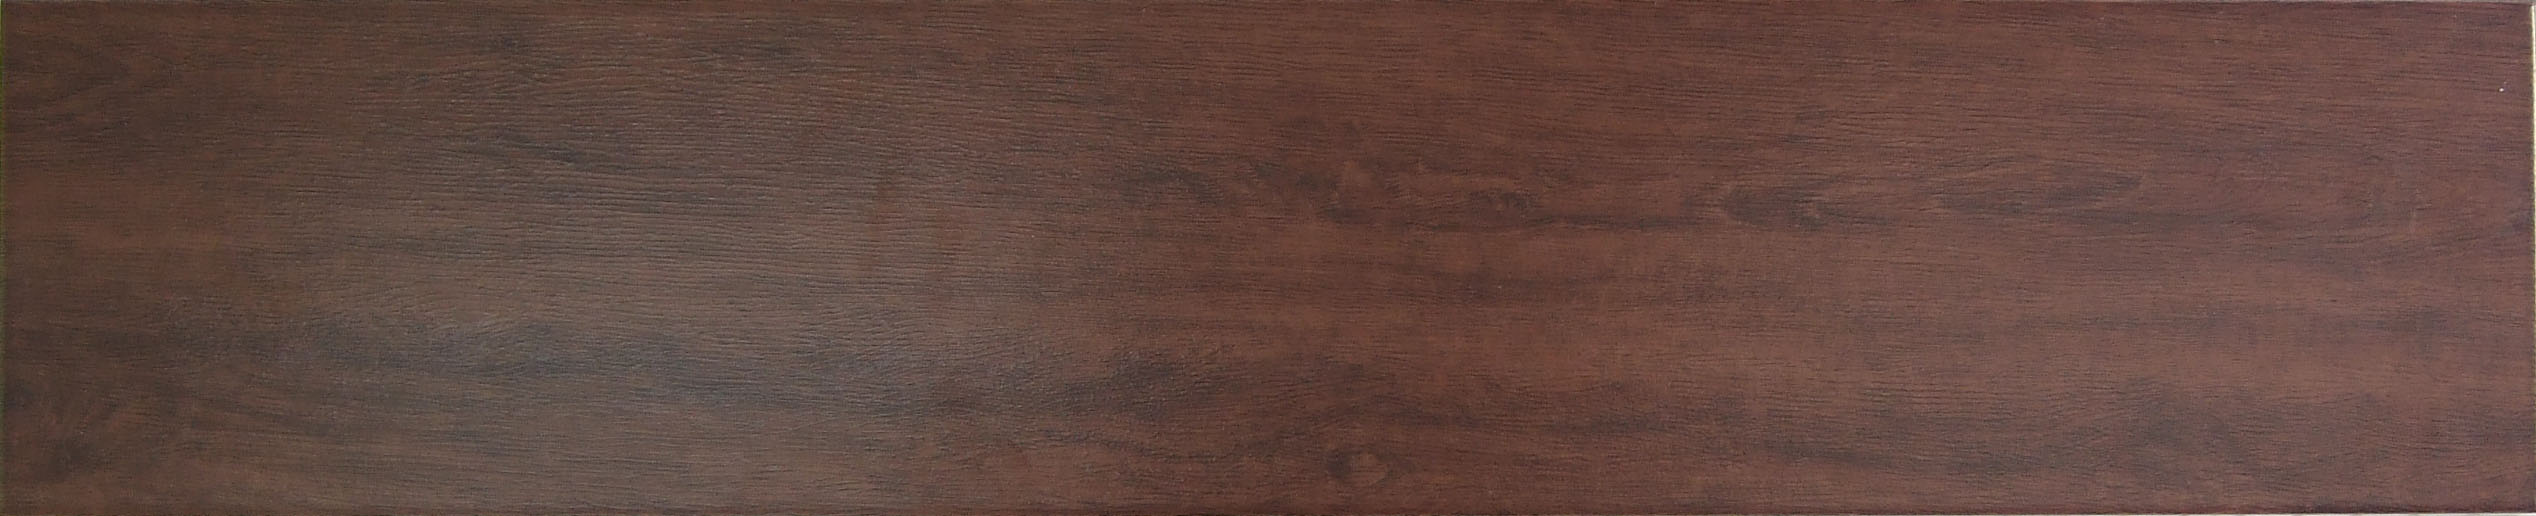 กระเบื้องลายไม้ 20x100 cm รุ่น VHD-08008